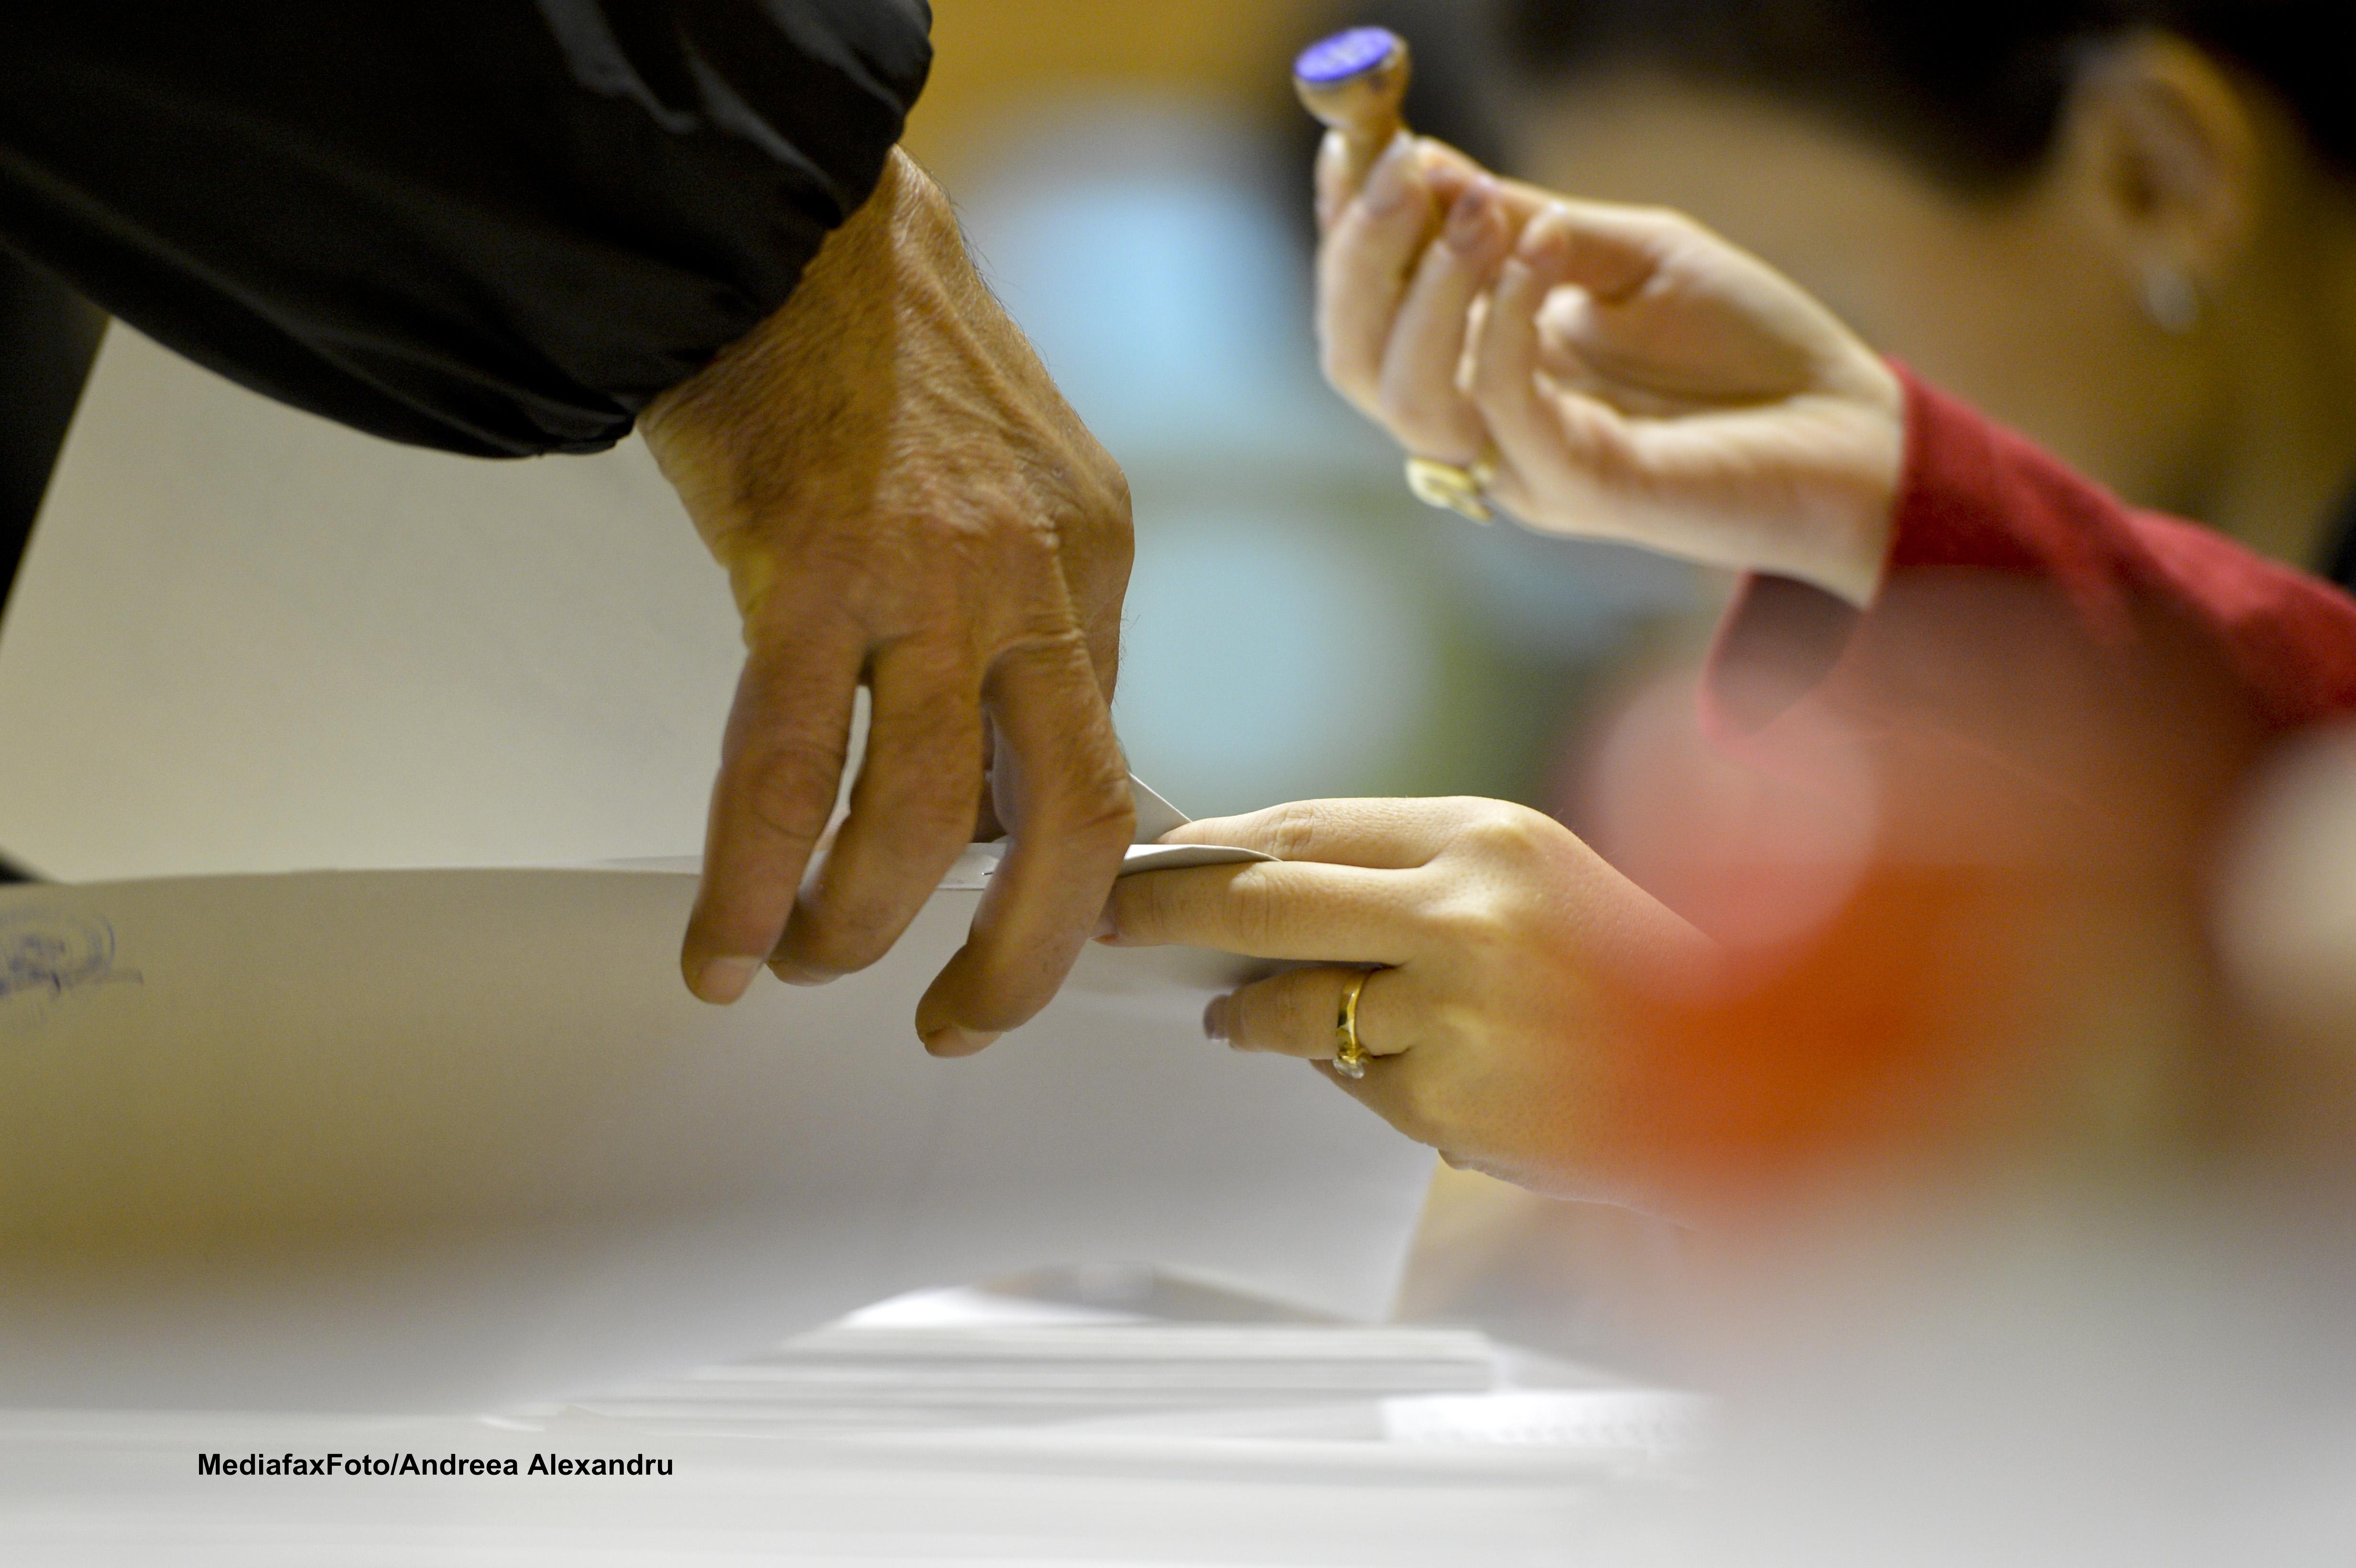 ALEGERI 2014. Ponta: Am decis ca euroalegerile sa fie pe 25 mai, iar prezidentialele pe 2 si 16 noiembrie